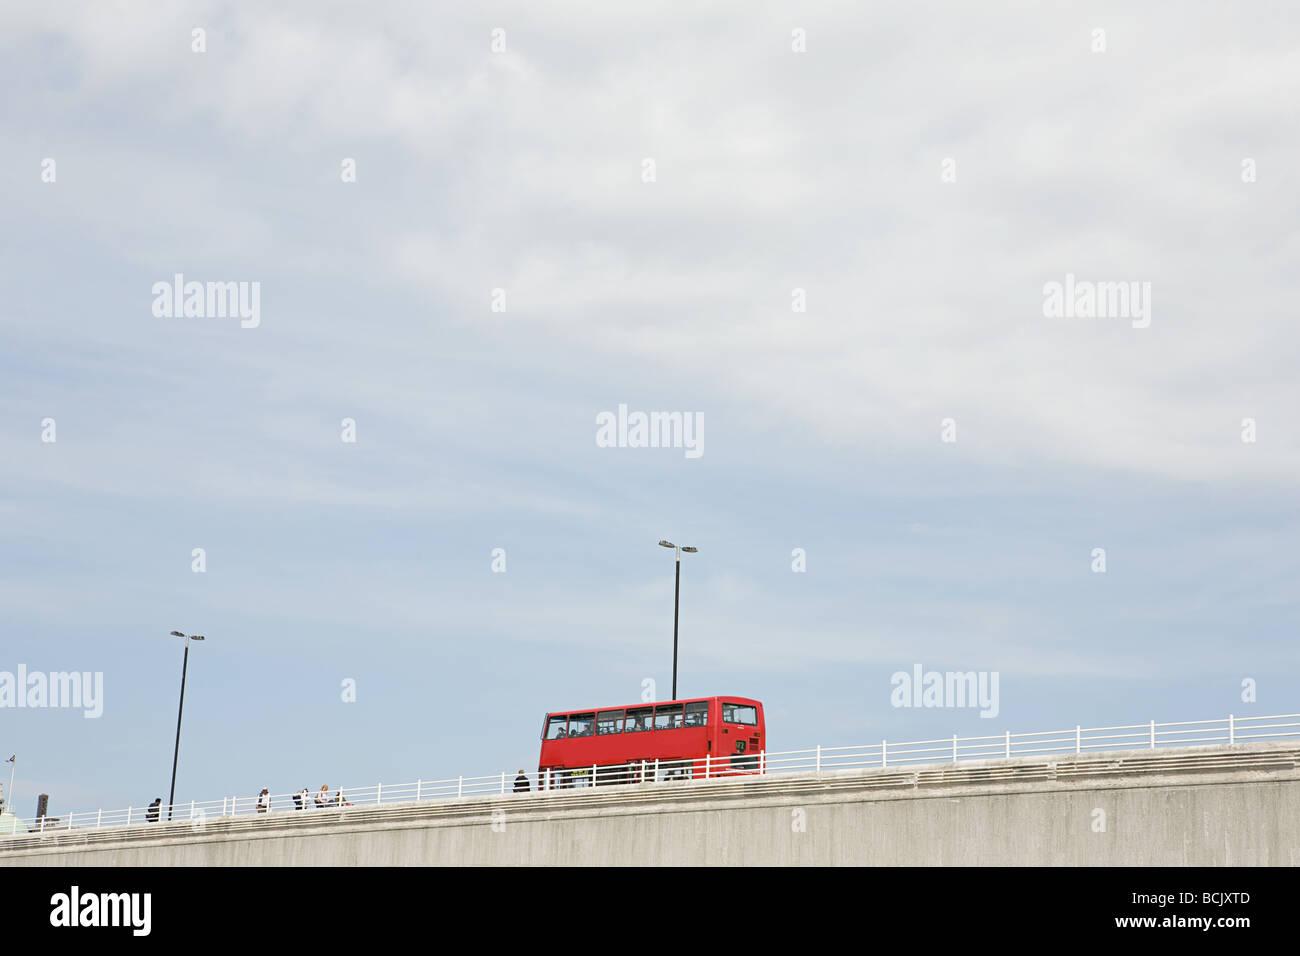 Bus on waterloo bridge - Stock Image